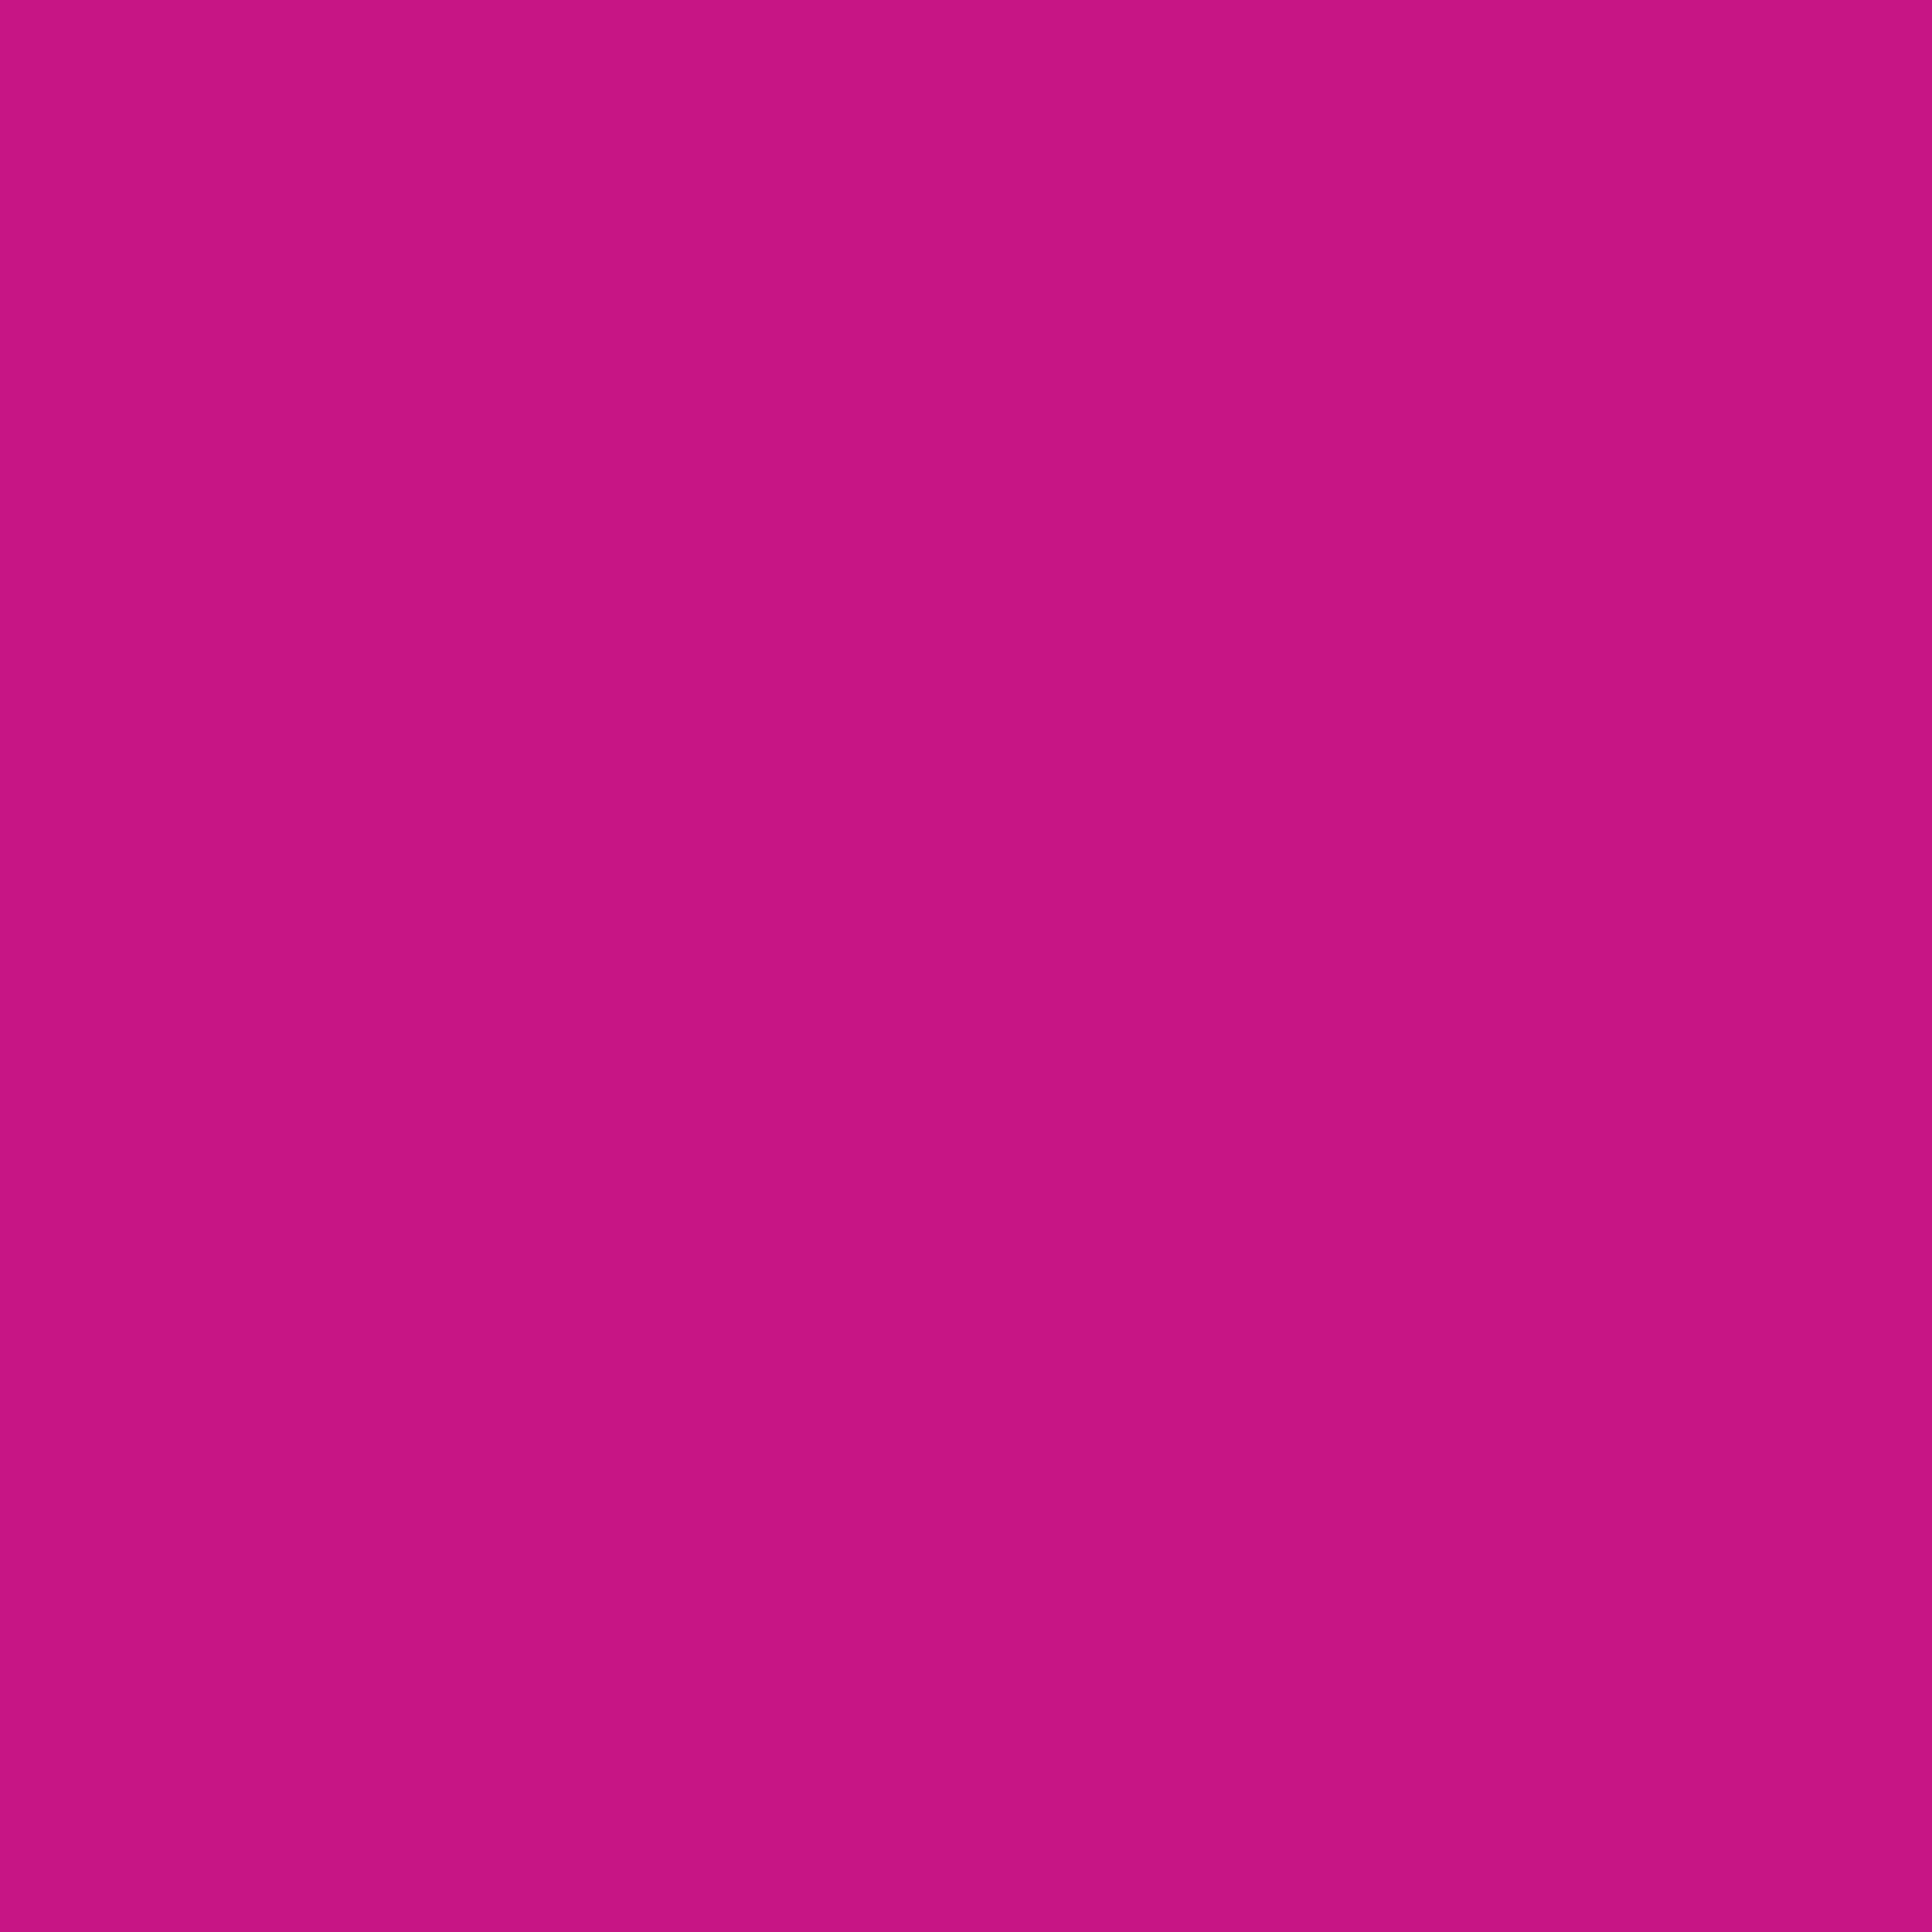 3600x3600 Red-violet Solid Color Background